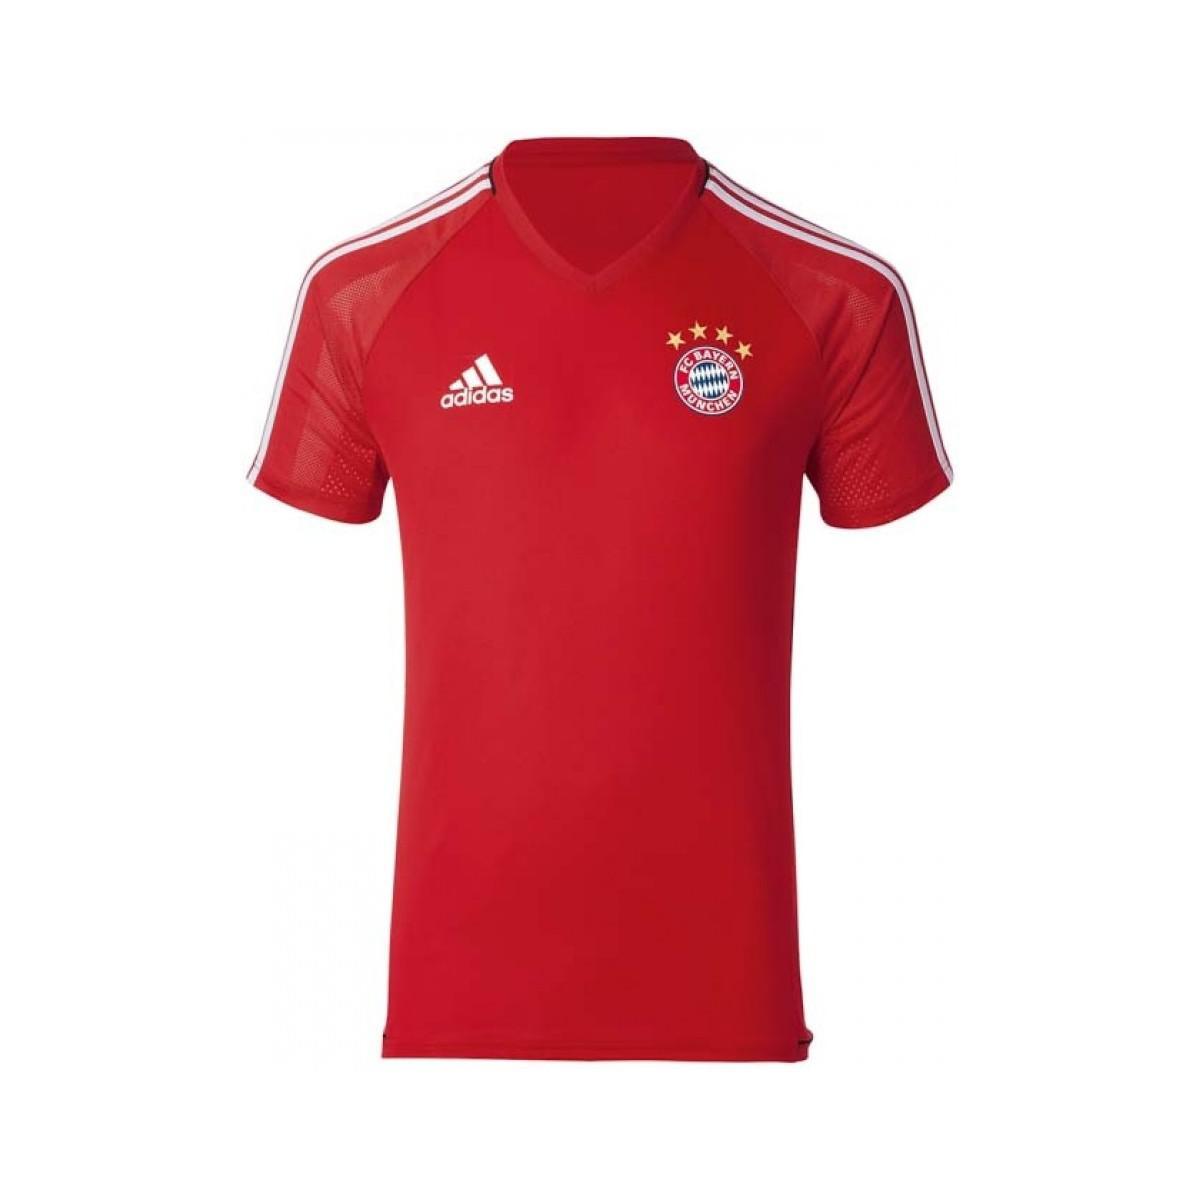 3e4f948ceba Adidas - 2017-2018 Bayern Munich Training Shirt Women's T Shirt In Red for  Men. View fullscreen